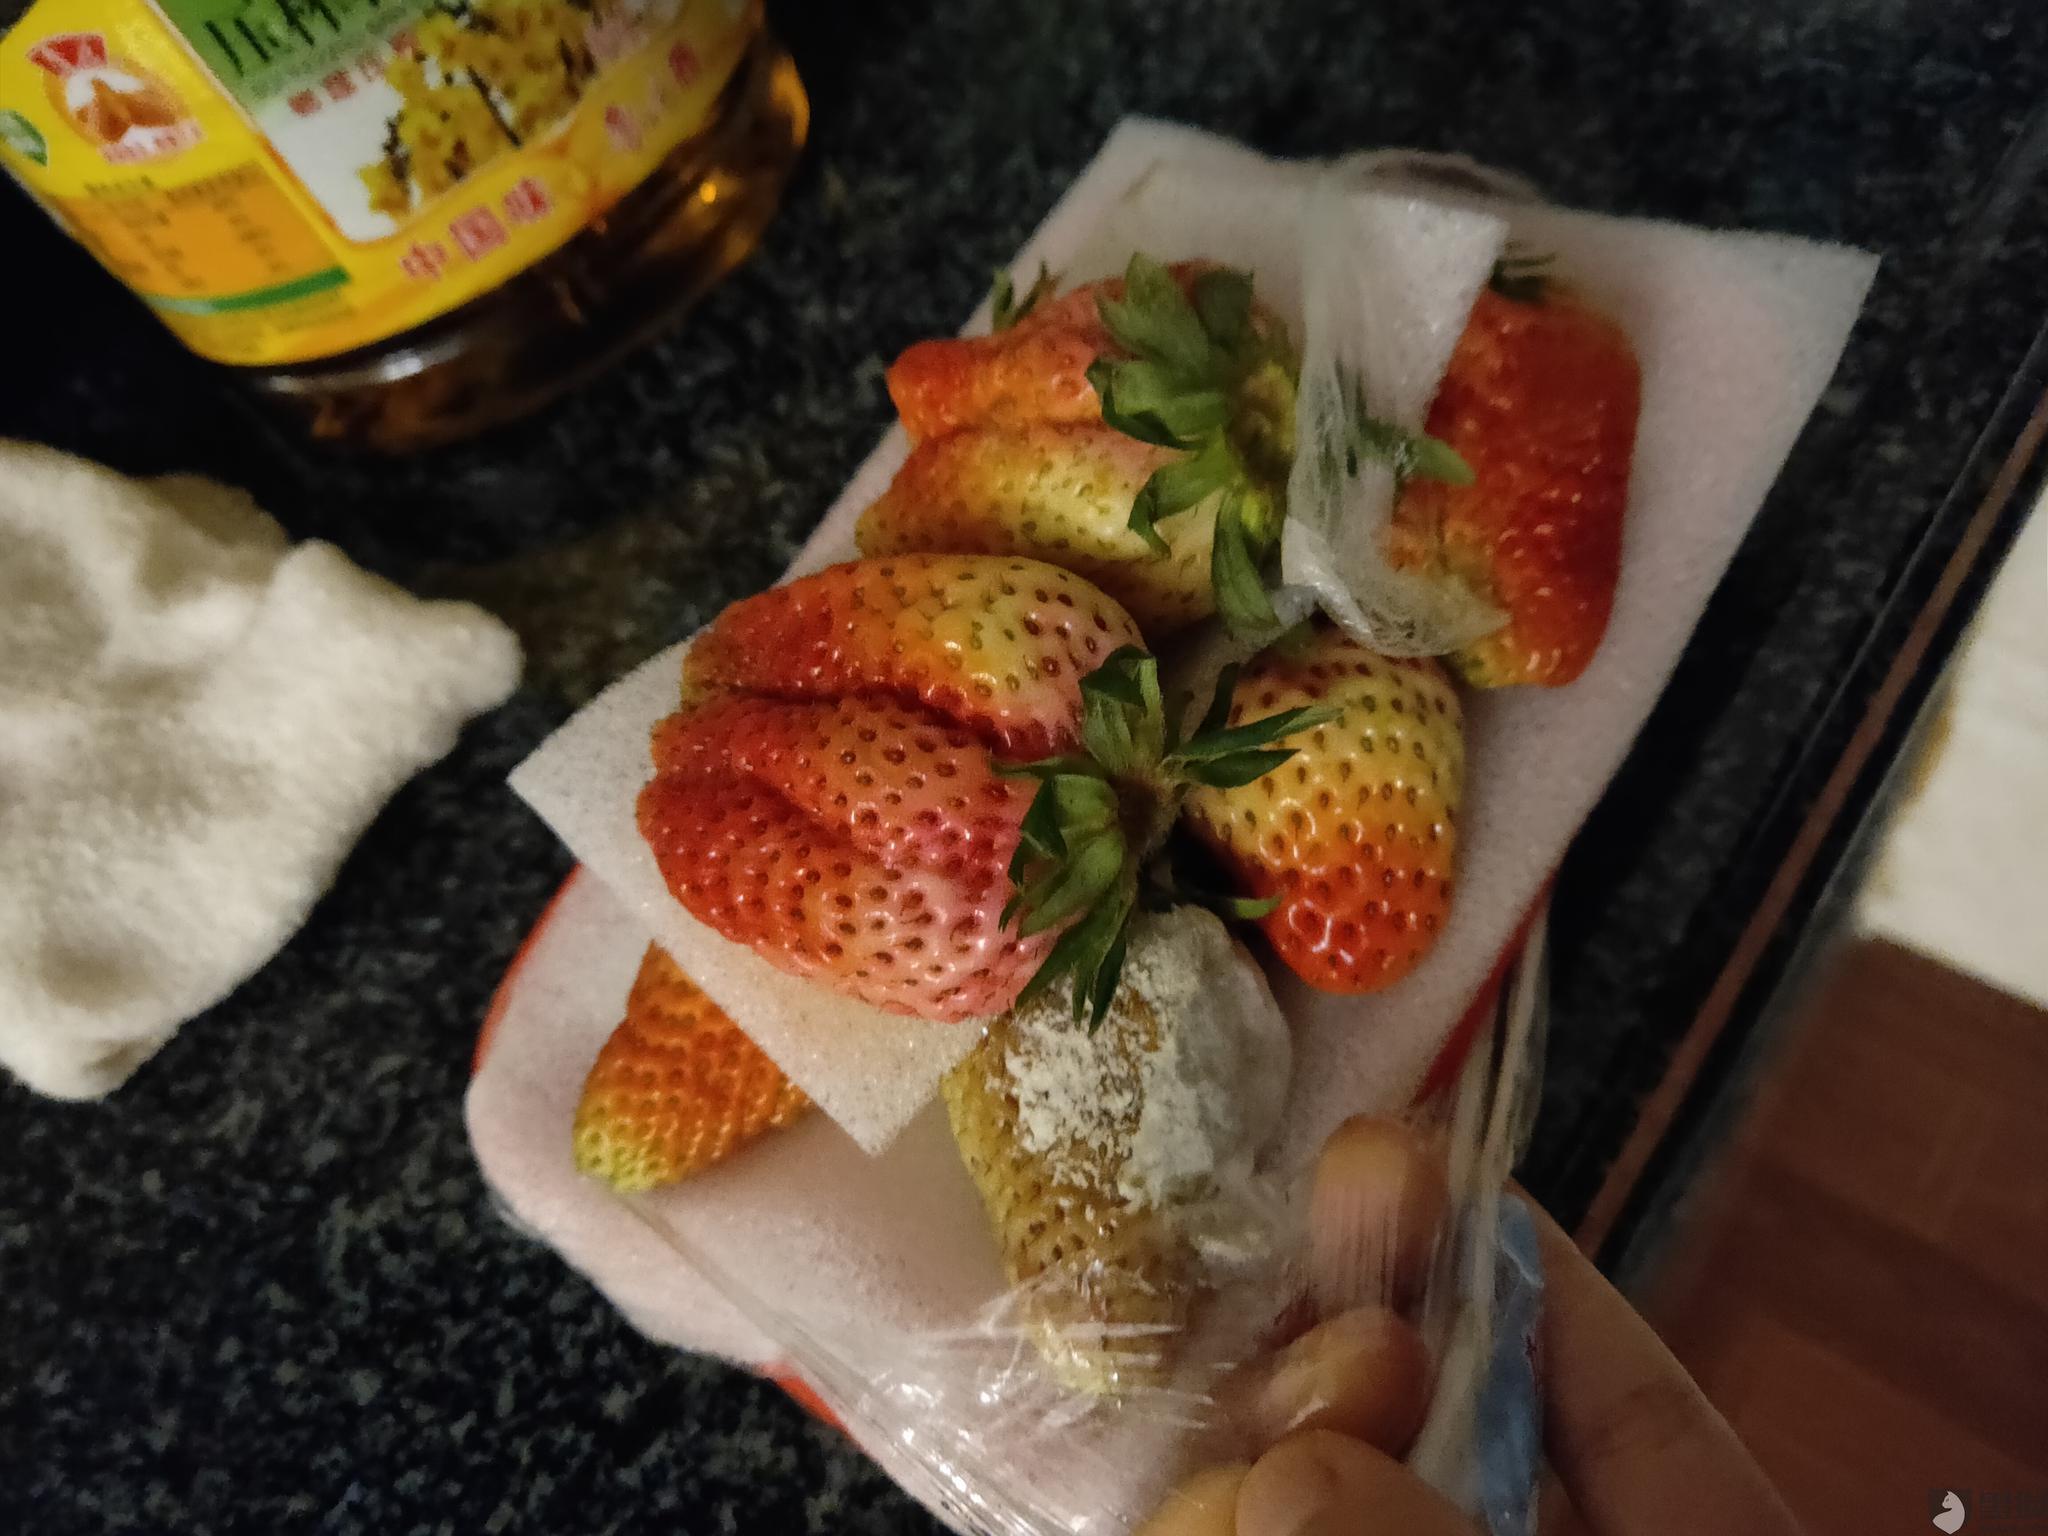 黑猫投诉:泉州水头镇新华都超市线上购买的水果不新鲜,发霉变质